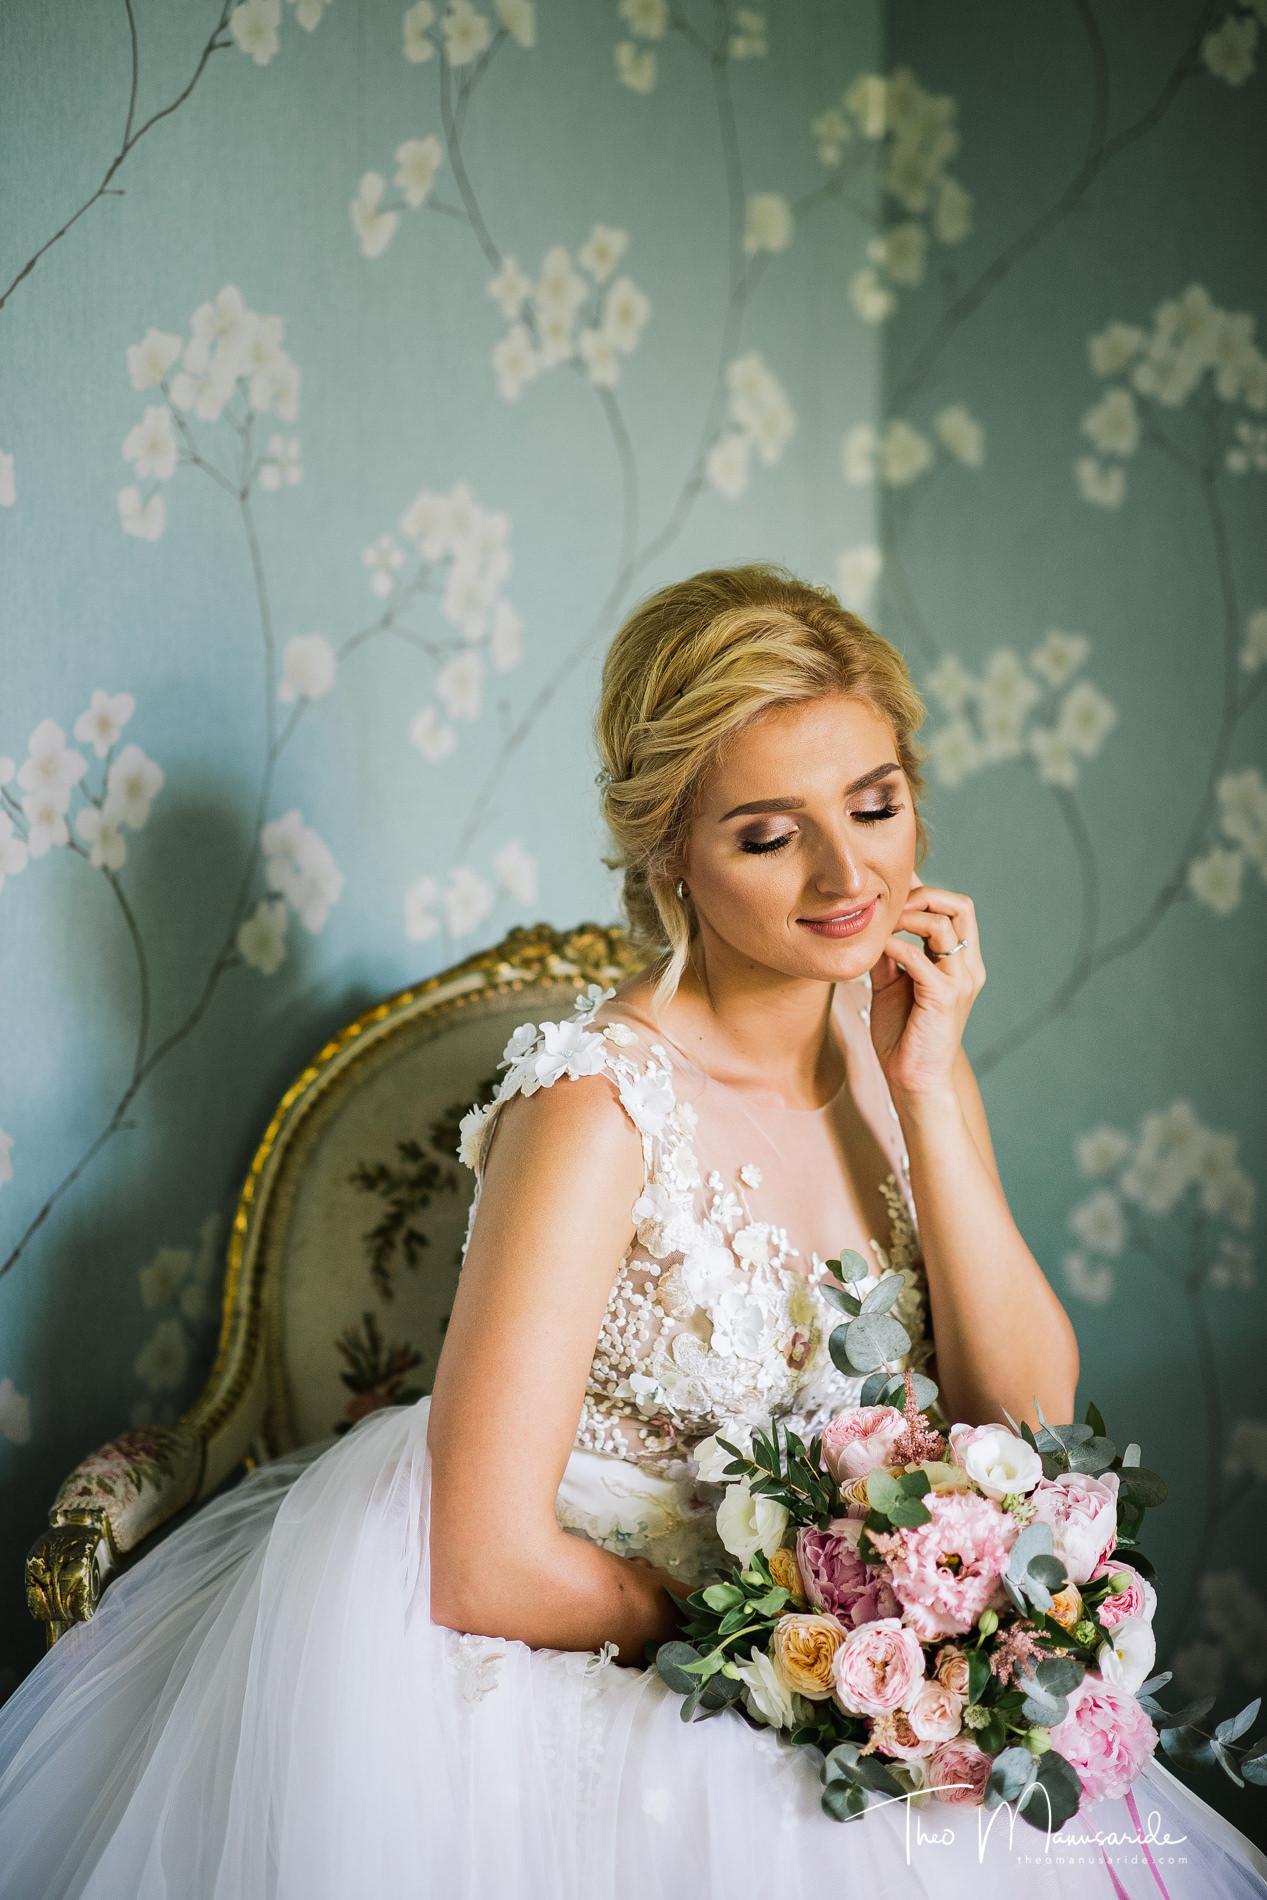 fotograf nunta bucuresti-58